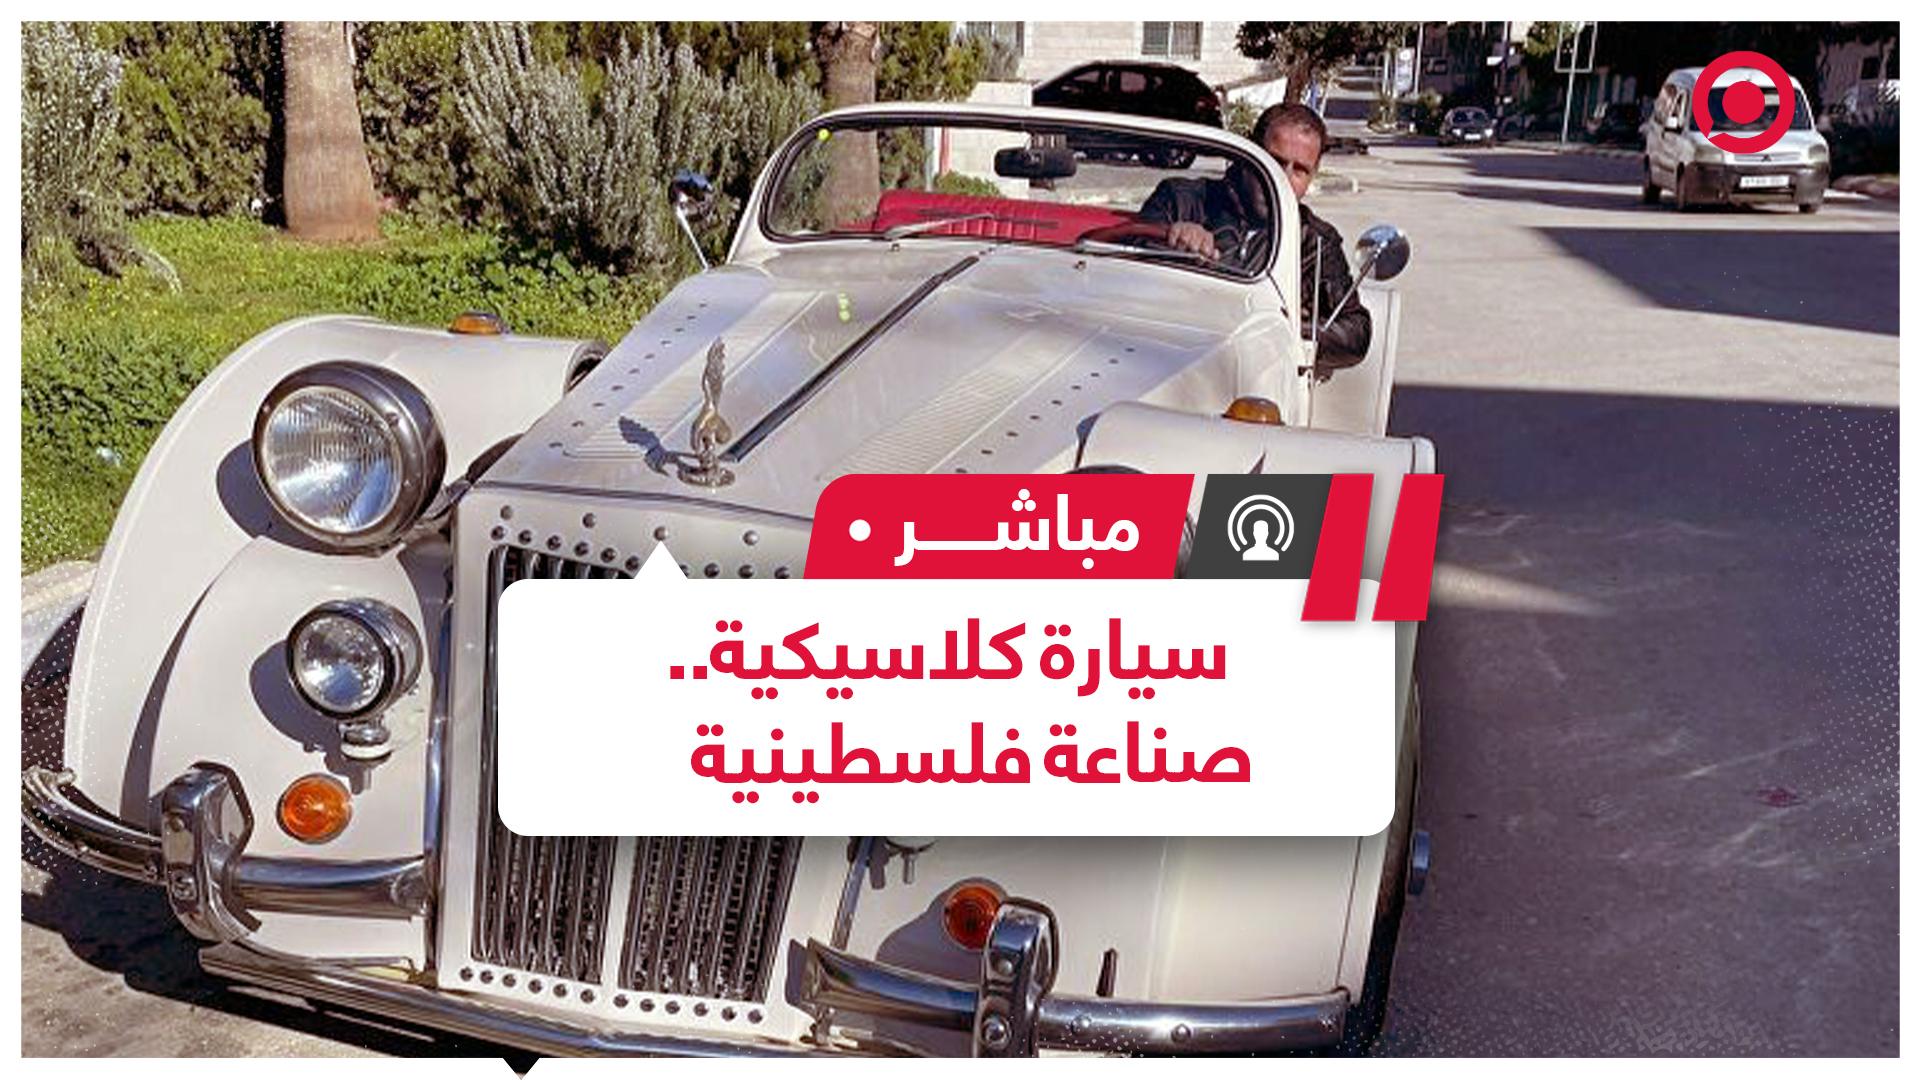 شاب فلسطيني يحقق حلم طفولته ويصنع سيارة كلاسيكية بنفسه